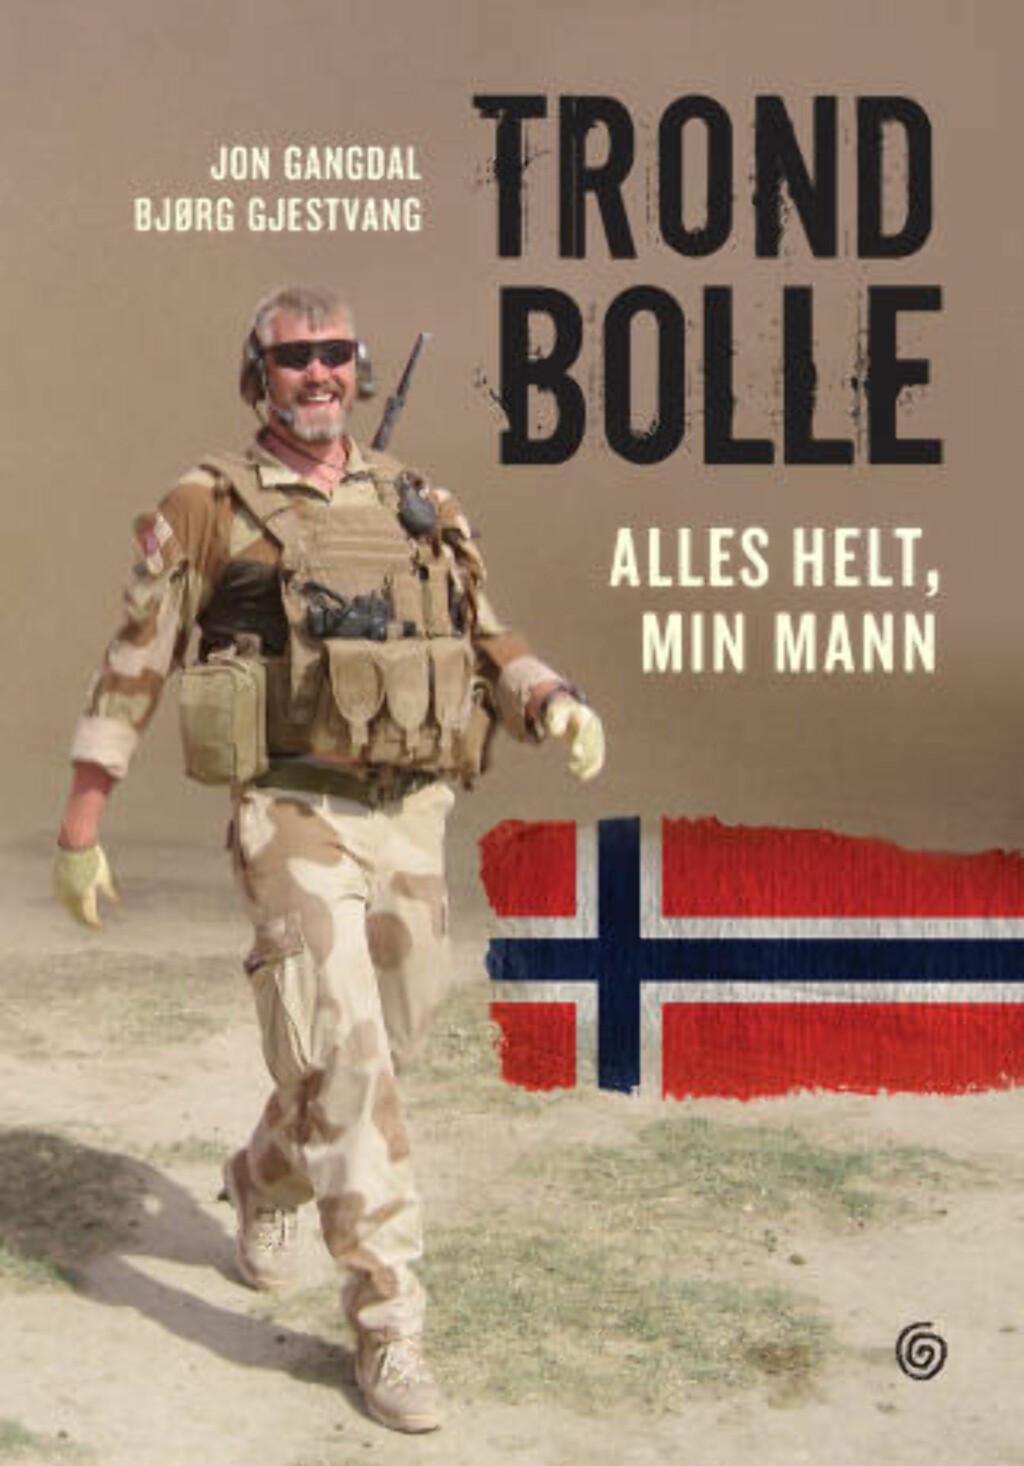 Ny bok: Bolles enke, Bjørg Gjestvang, og Jon Gangdal har skrevet bok om krigshelten Trond Bolles eventyrlige liv.